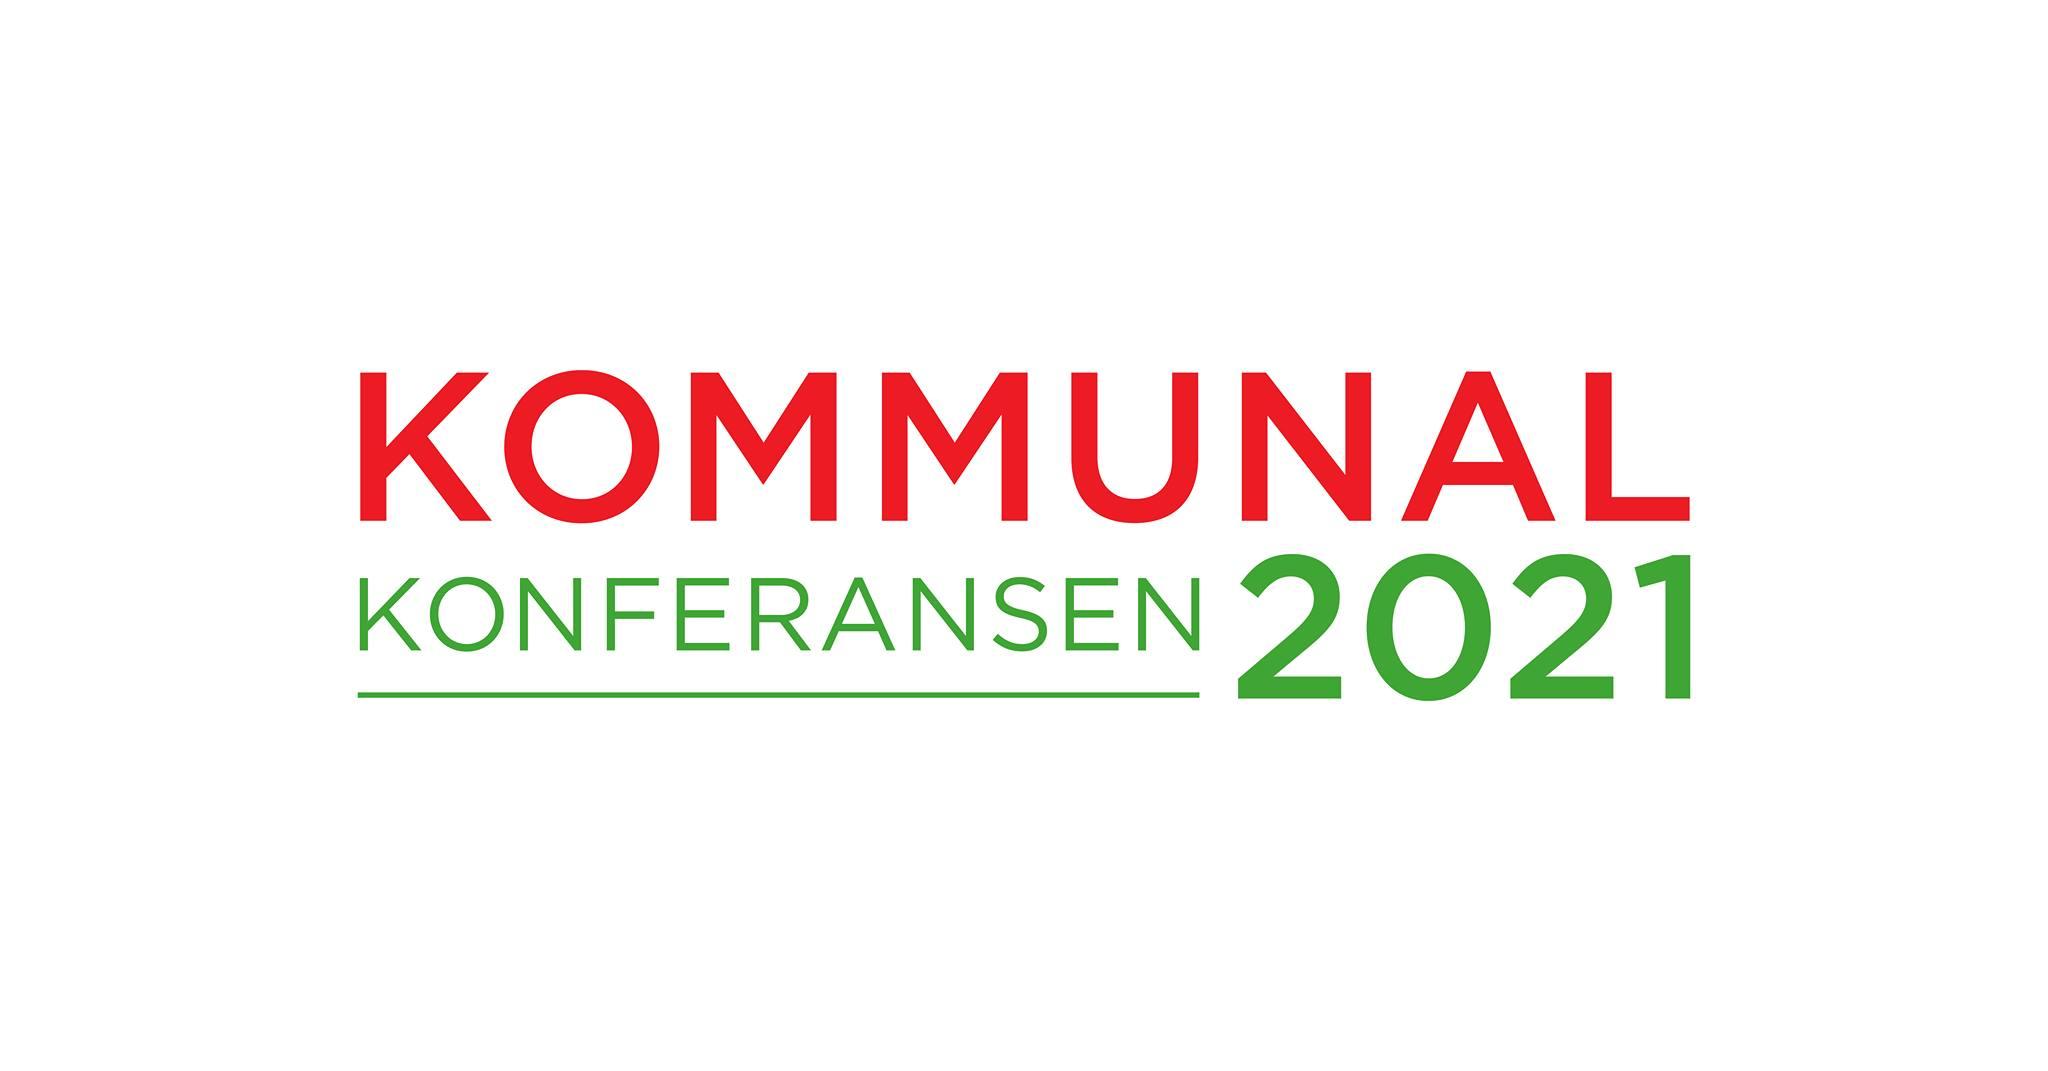 Kommunalkonferansen 2021